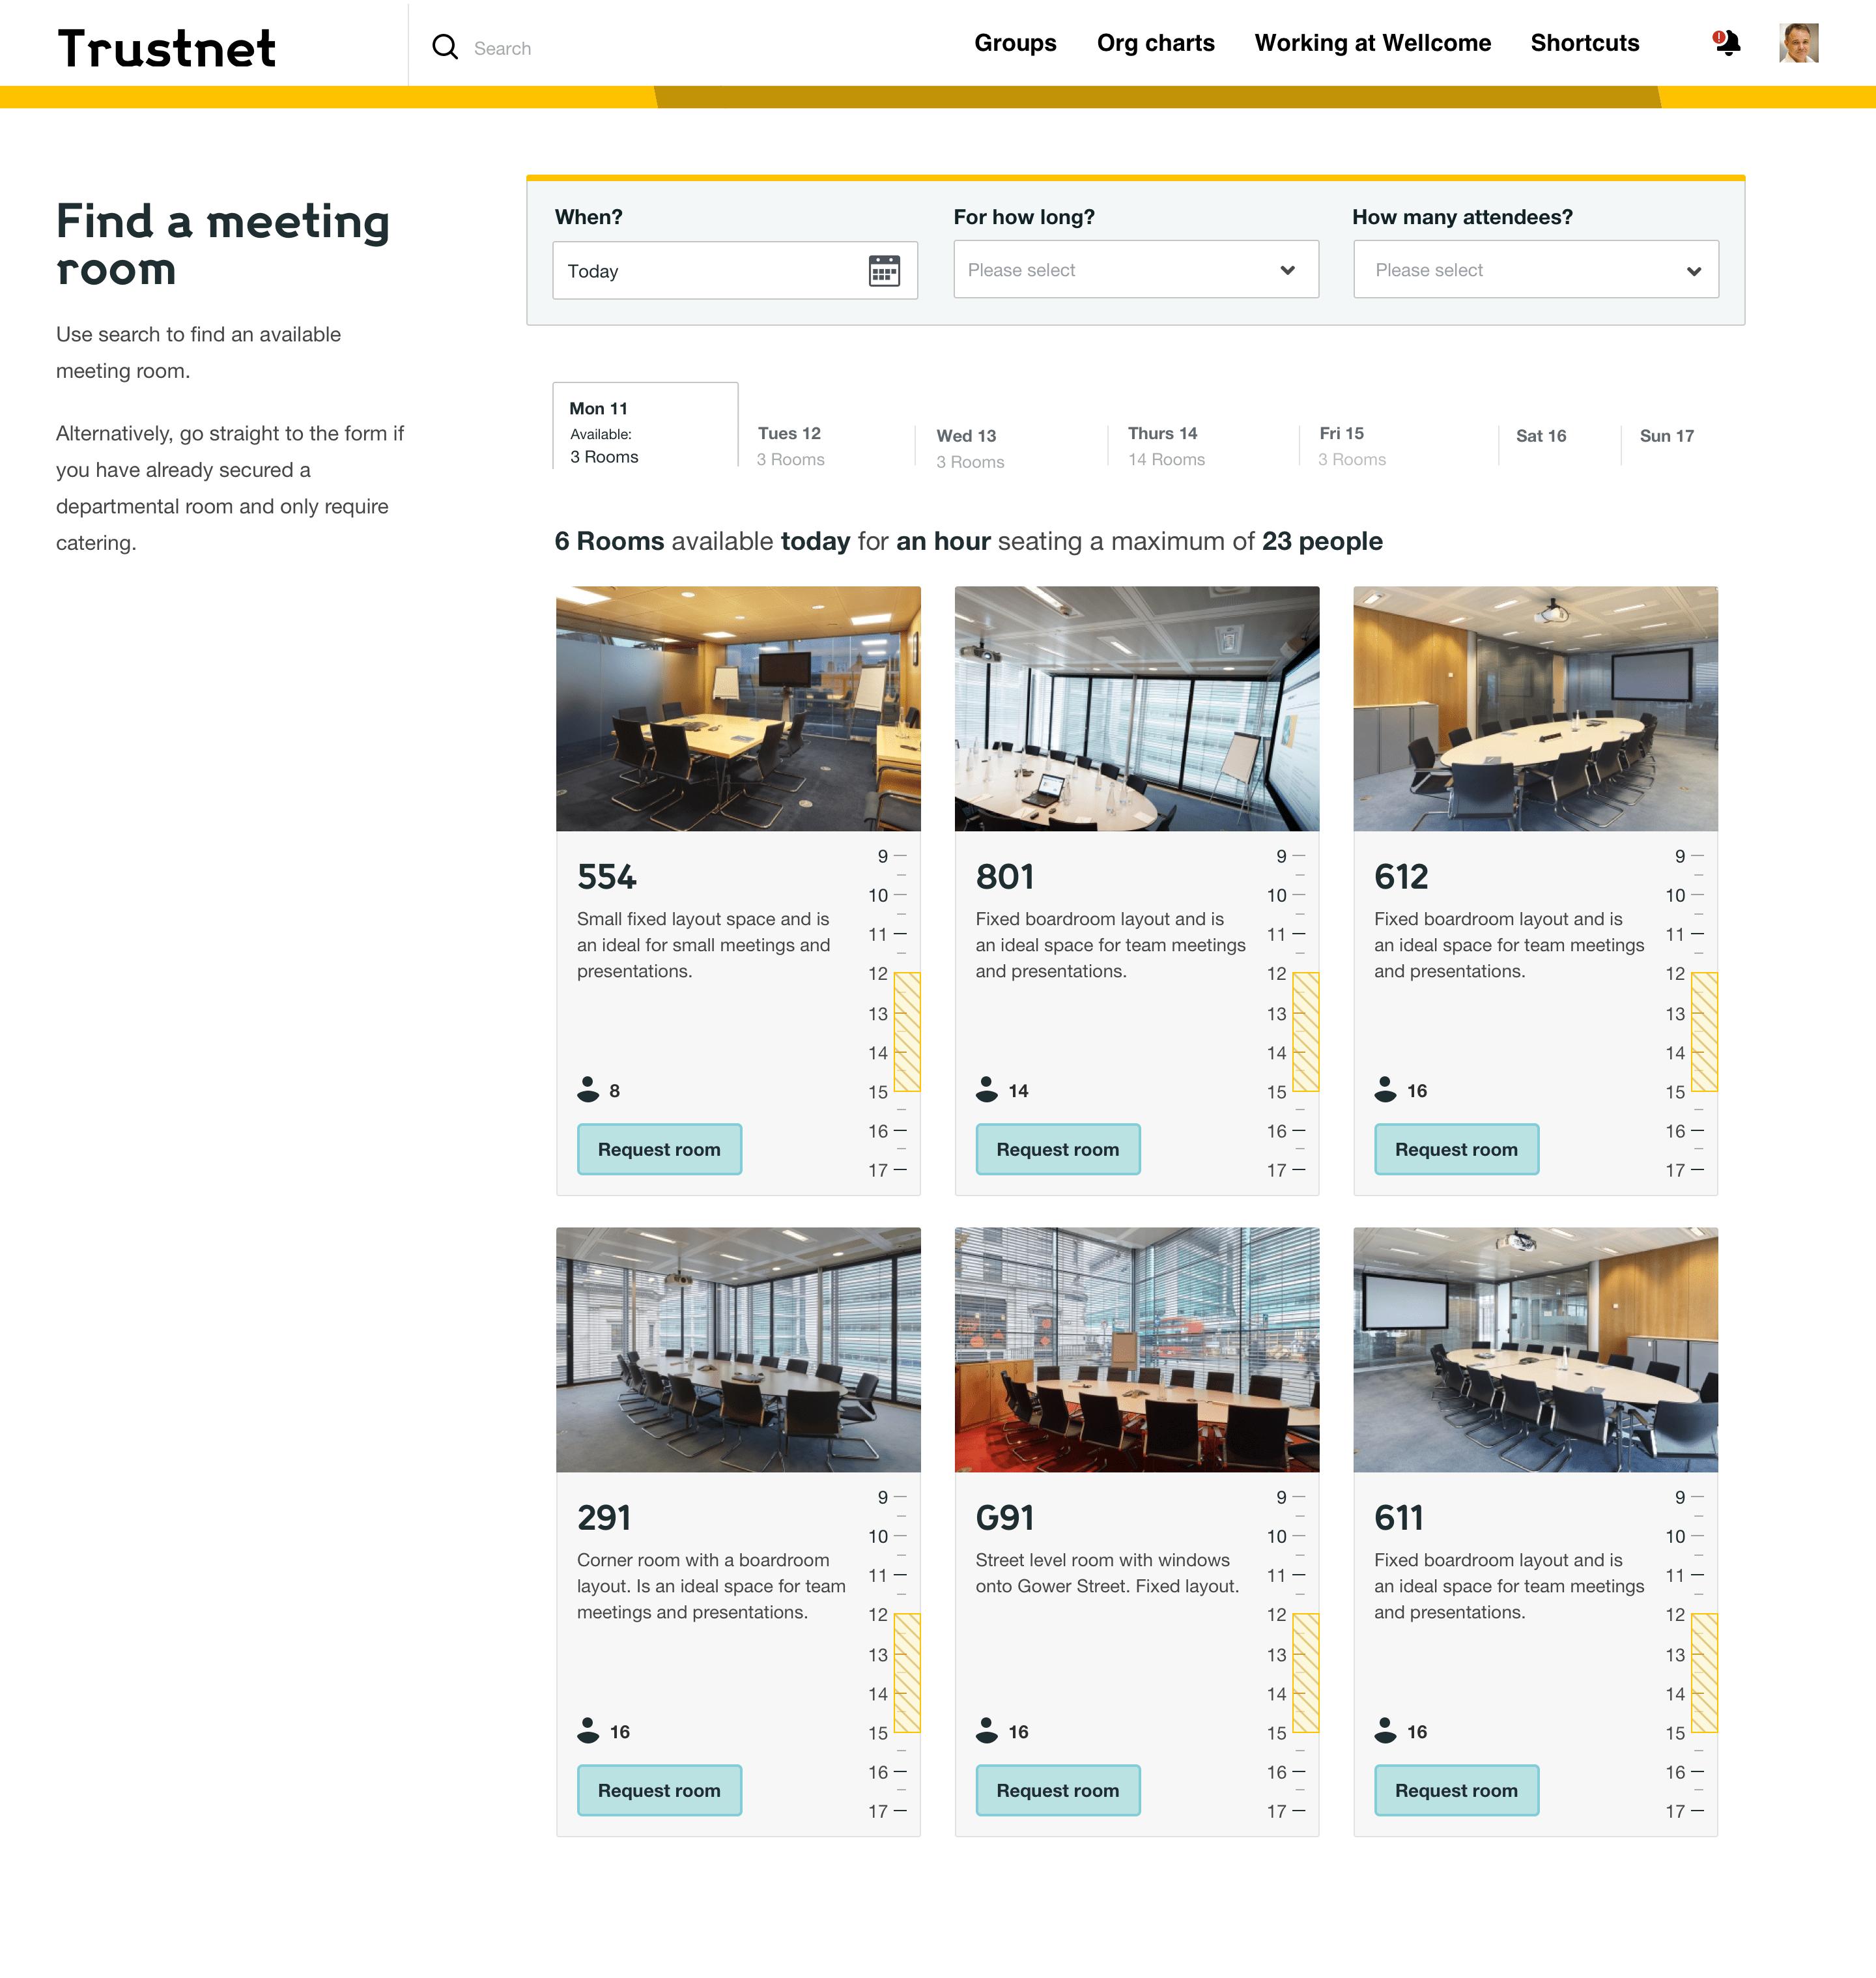 Trustnet上的会议室查找工具的屏幕截图。可用的房间在卡片上显示,每个会议室的照片和每个房间的描述。用户可以搜索和过滤房间。